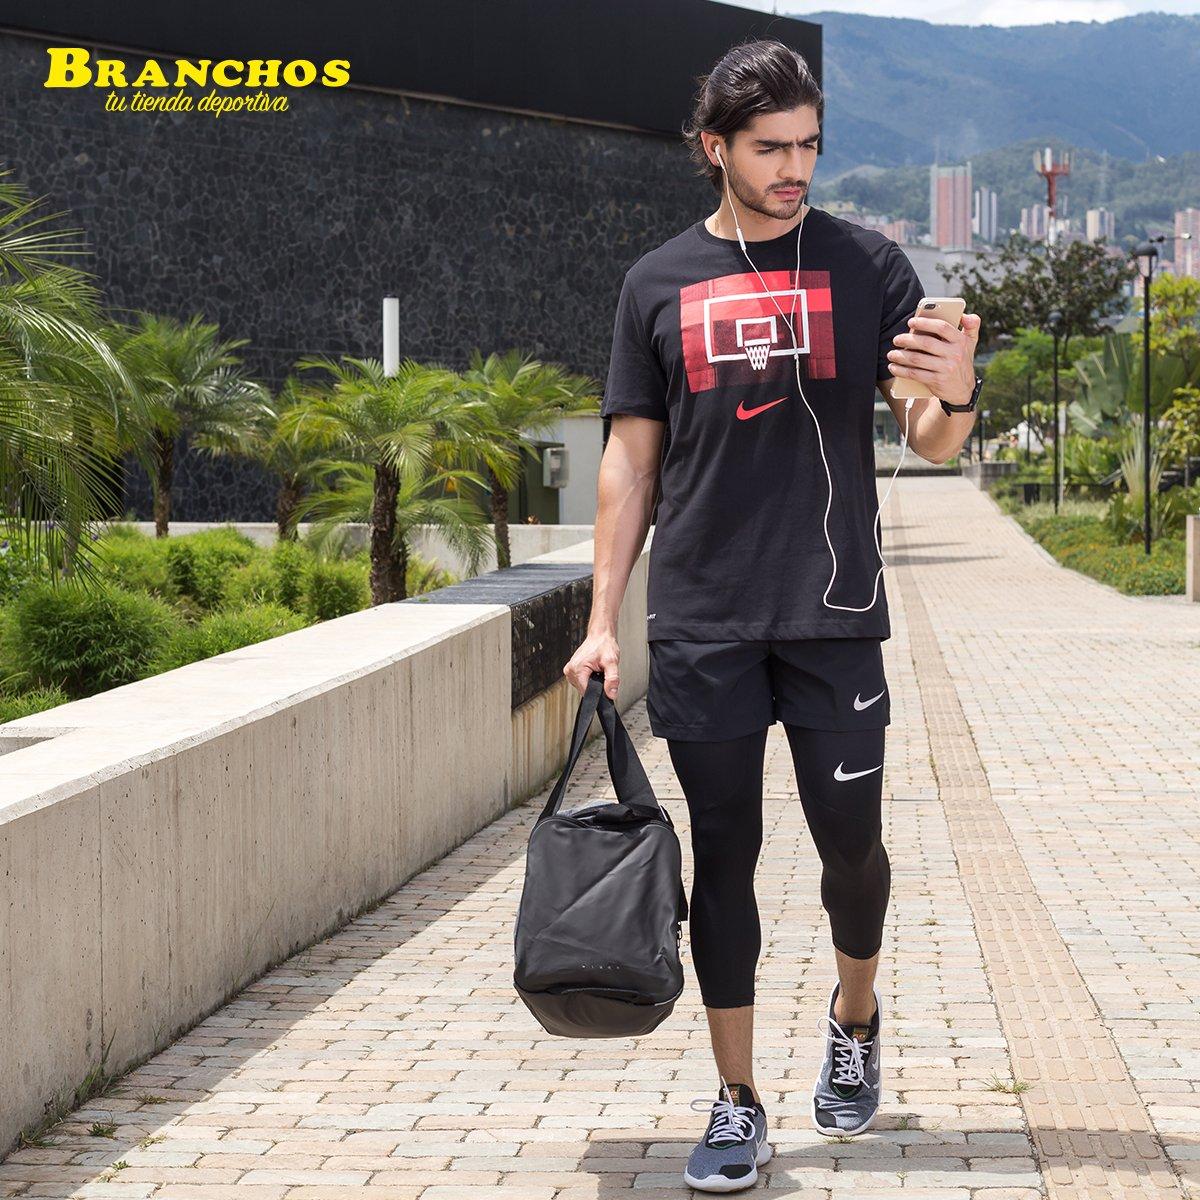 Branchos-Centro-Comercial-La-Central